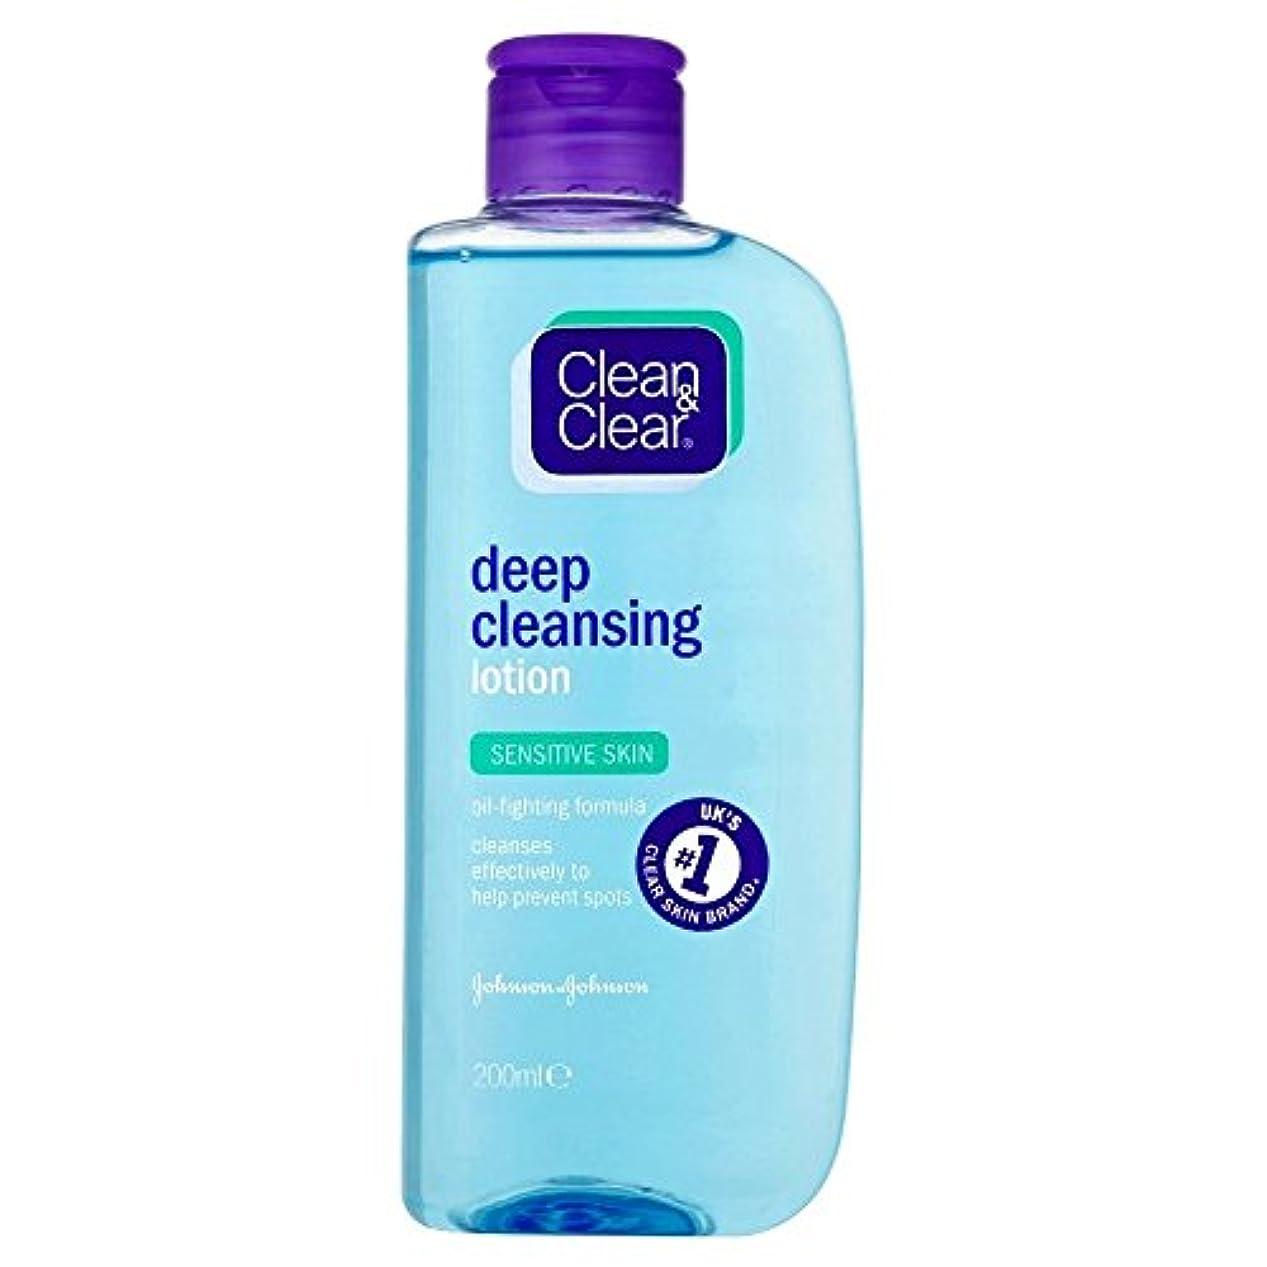 の中でマイルドイーウェルClean & Clear Deep Cleansing Lotion - Sensitive (200ml) クリーンで明確なディープクレンジングローション - 感受性( 200ミリリットル) [並行輸入品]